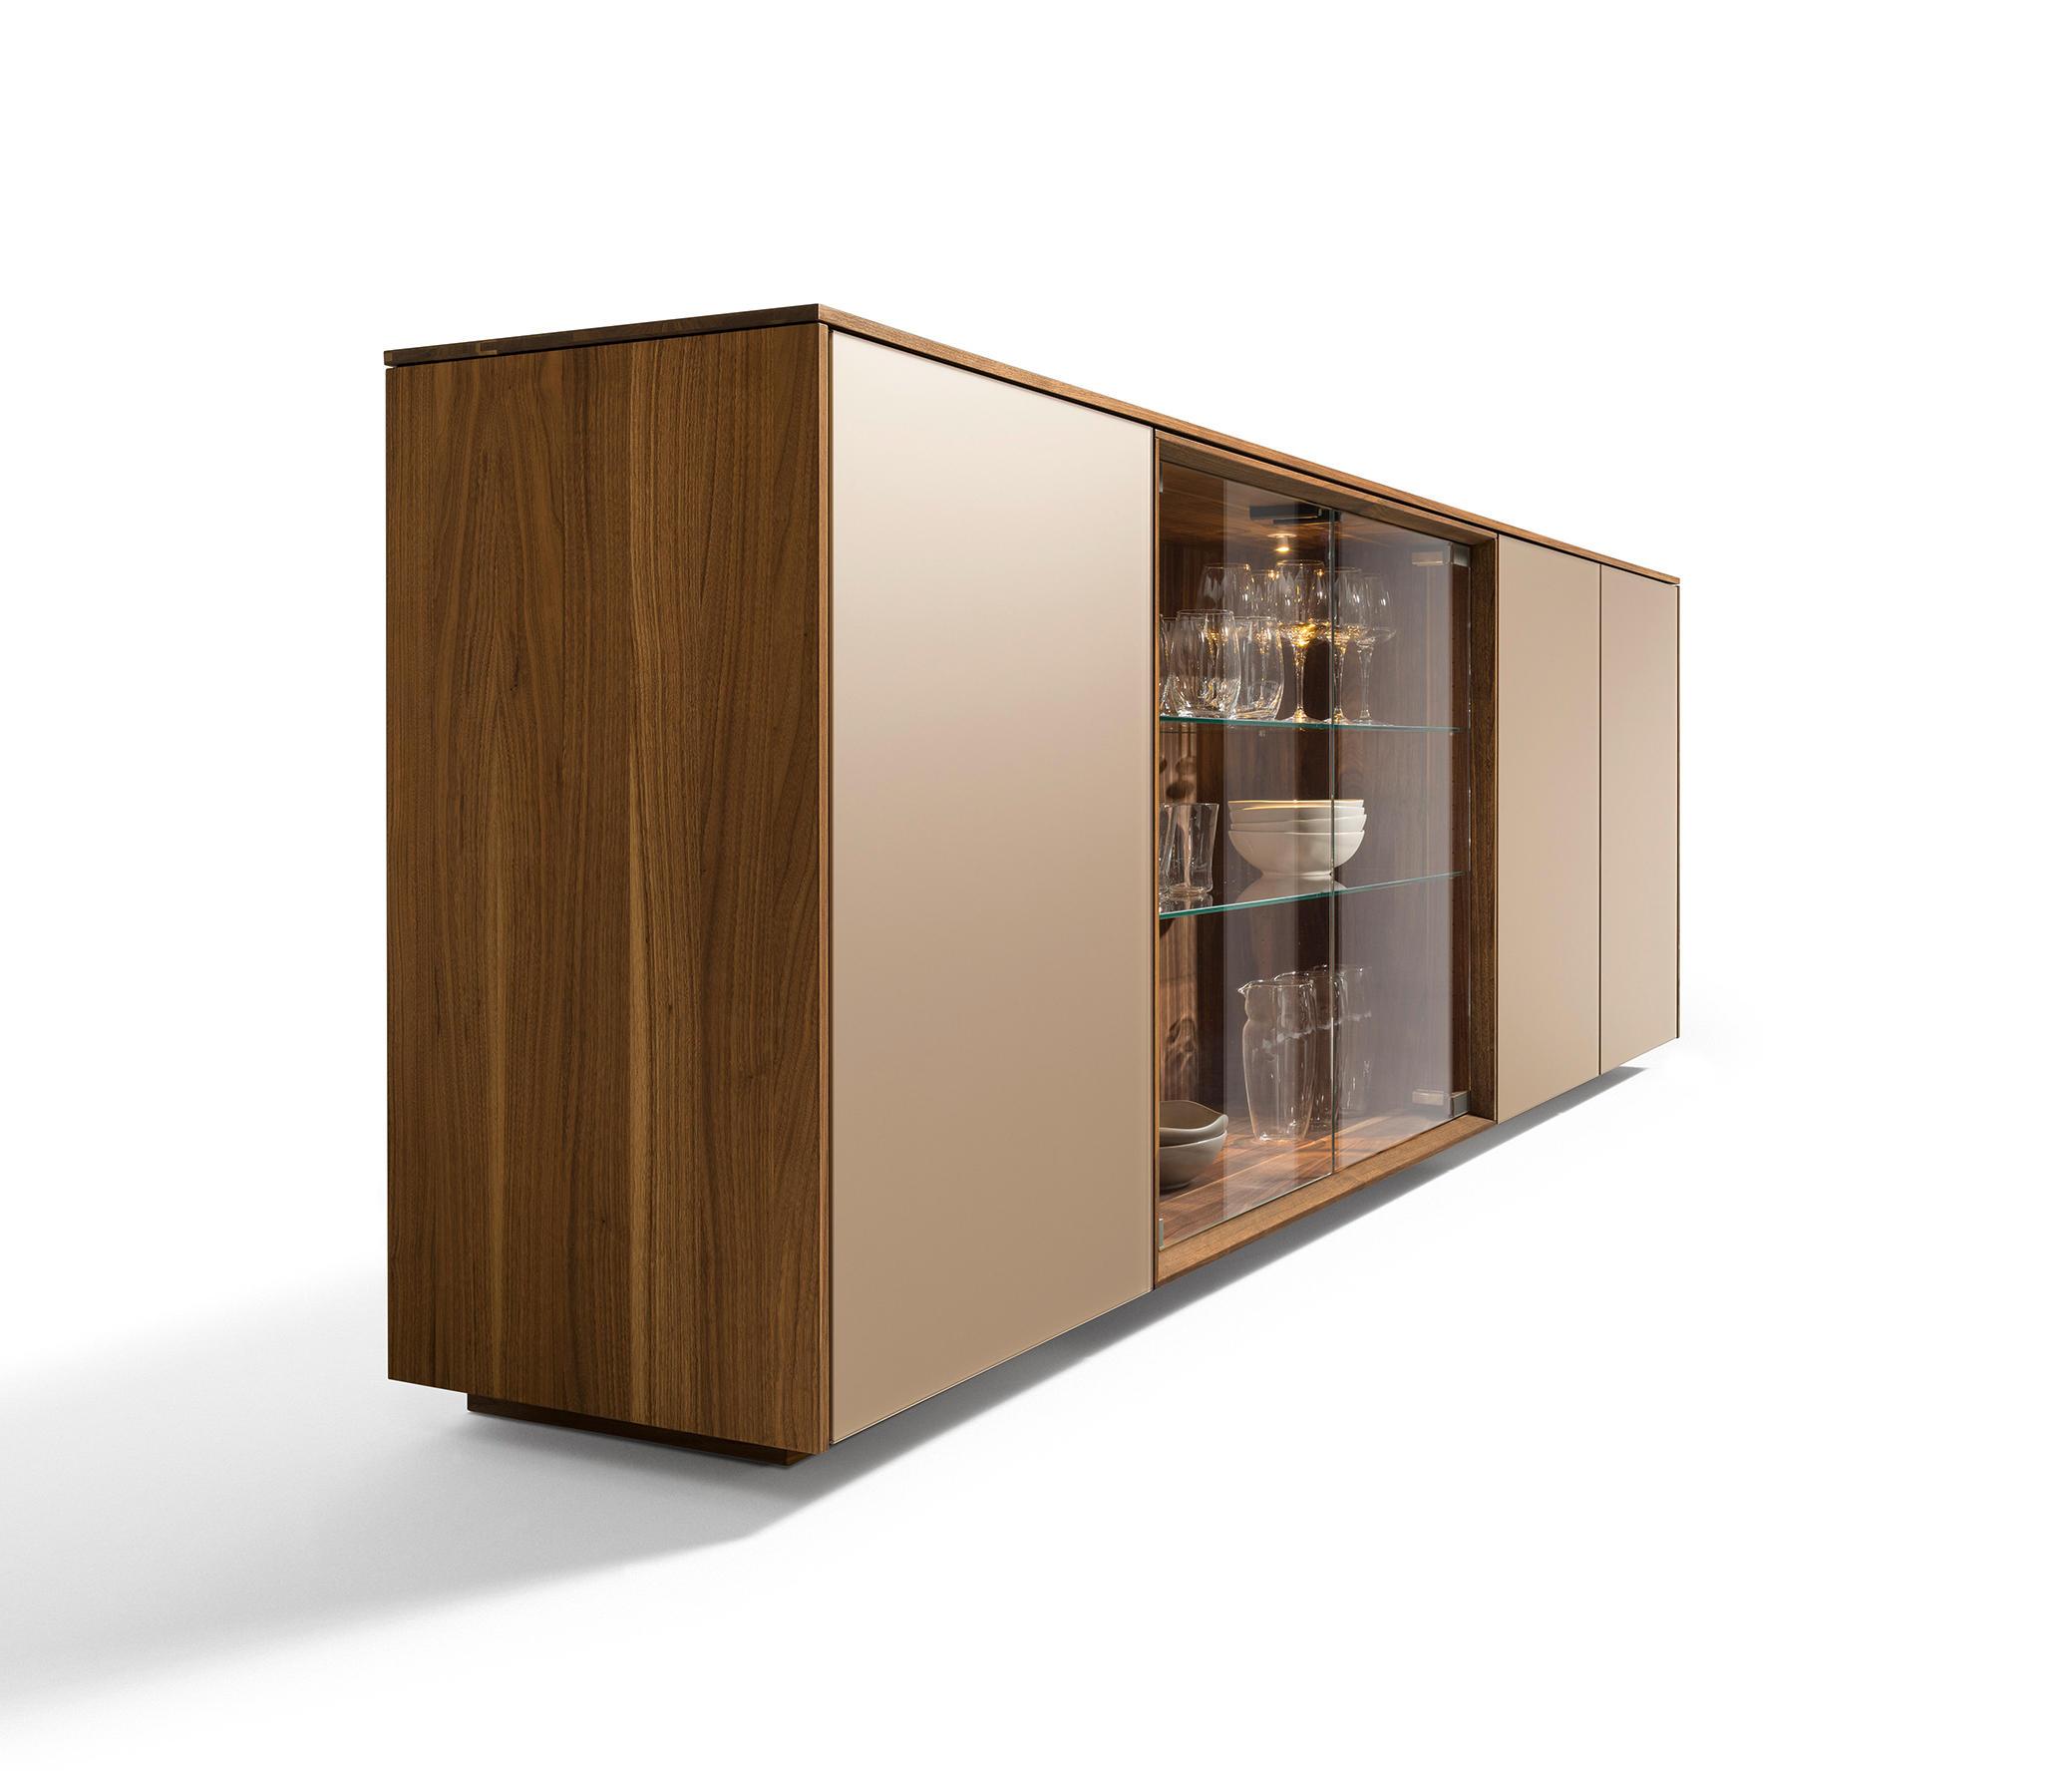 team 7 schlafzimmer kommode schlafsofas f r kleine zimmer kopfkissen hart welche lattenroste. Black Bedroom Furniture Sets. Home Design Ideas